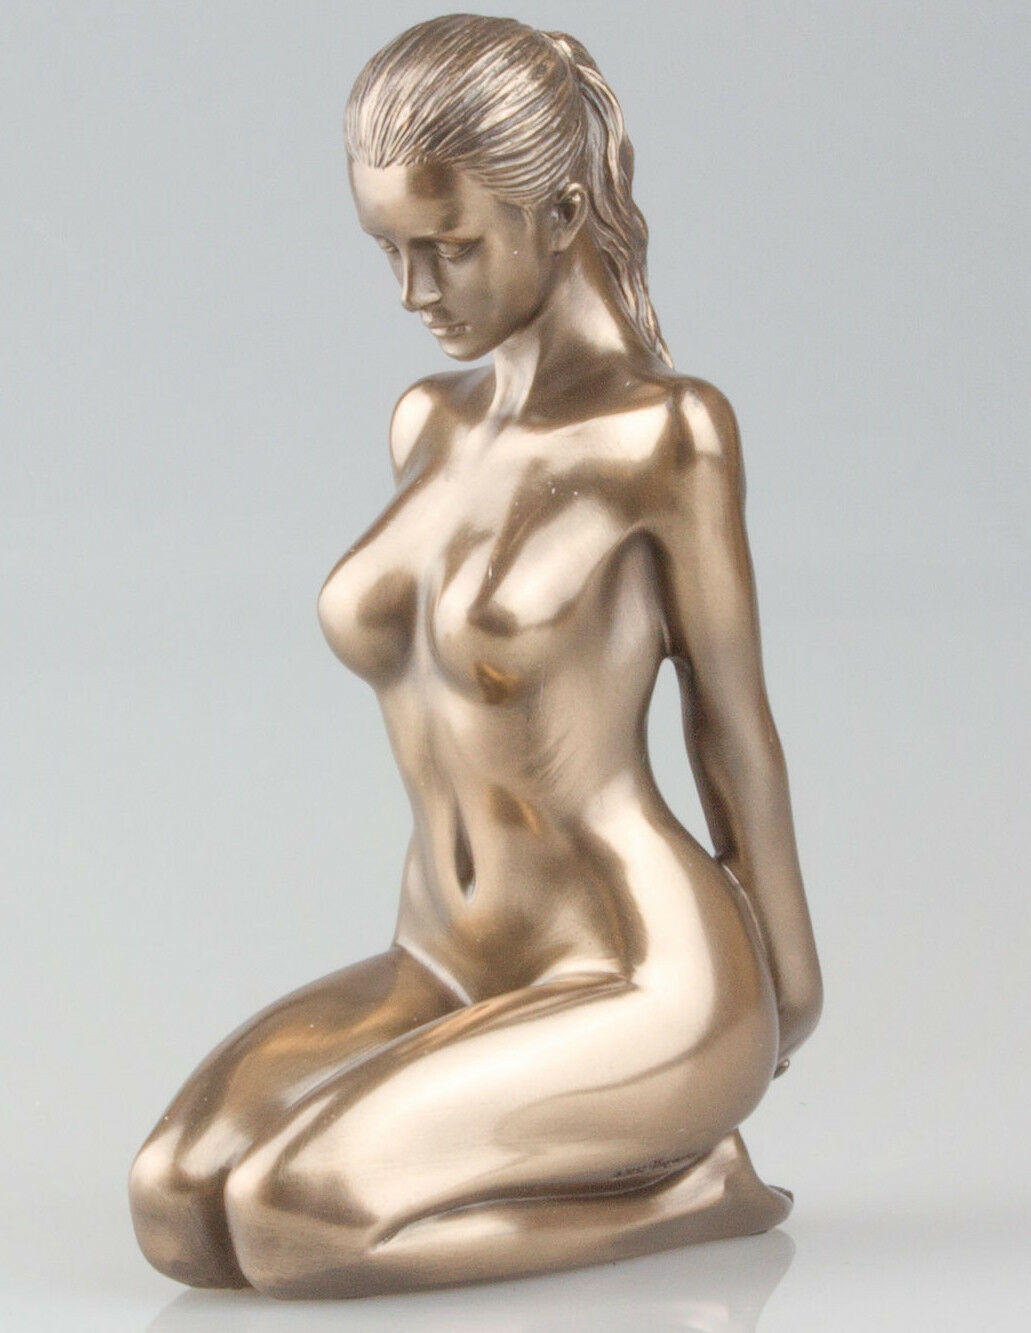 Nash erotic nude sculpture moore